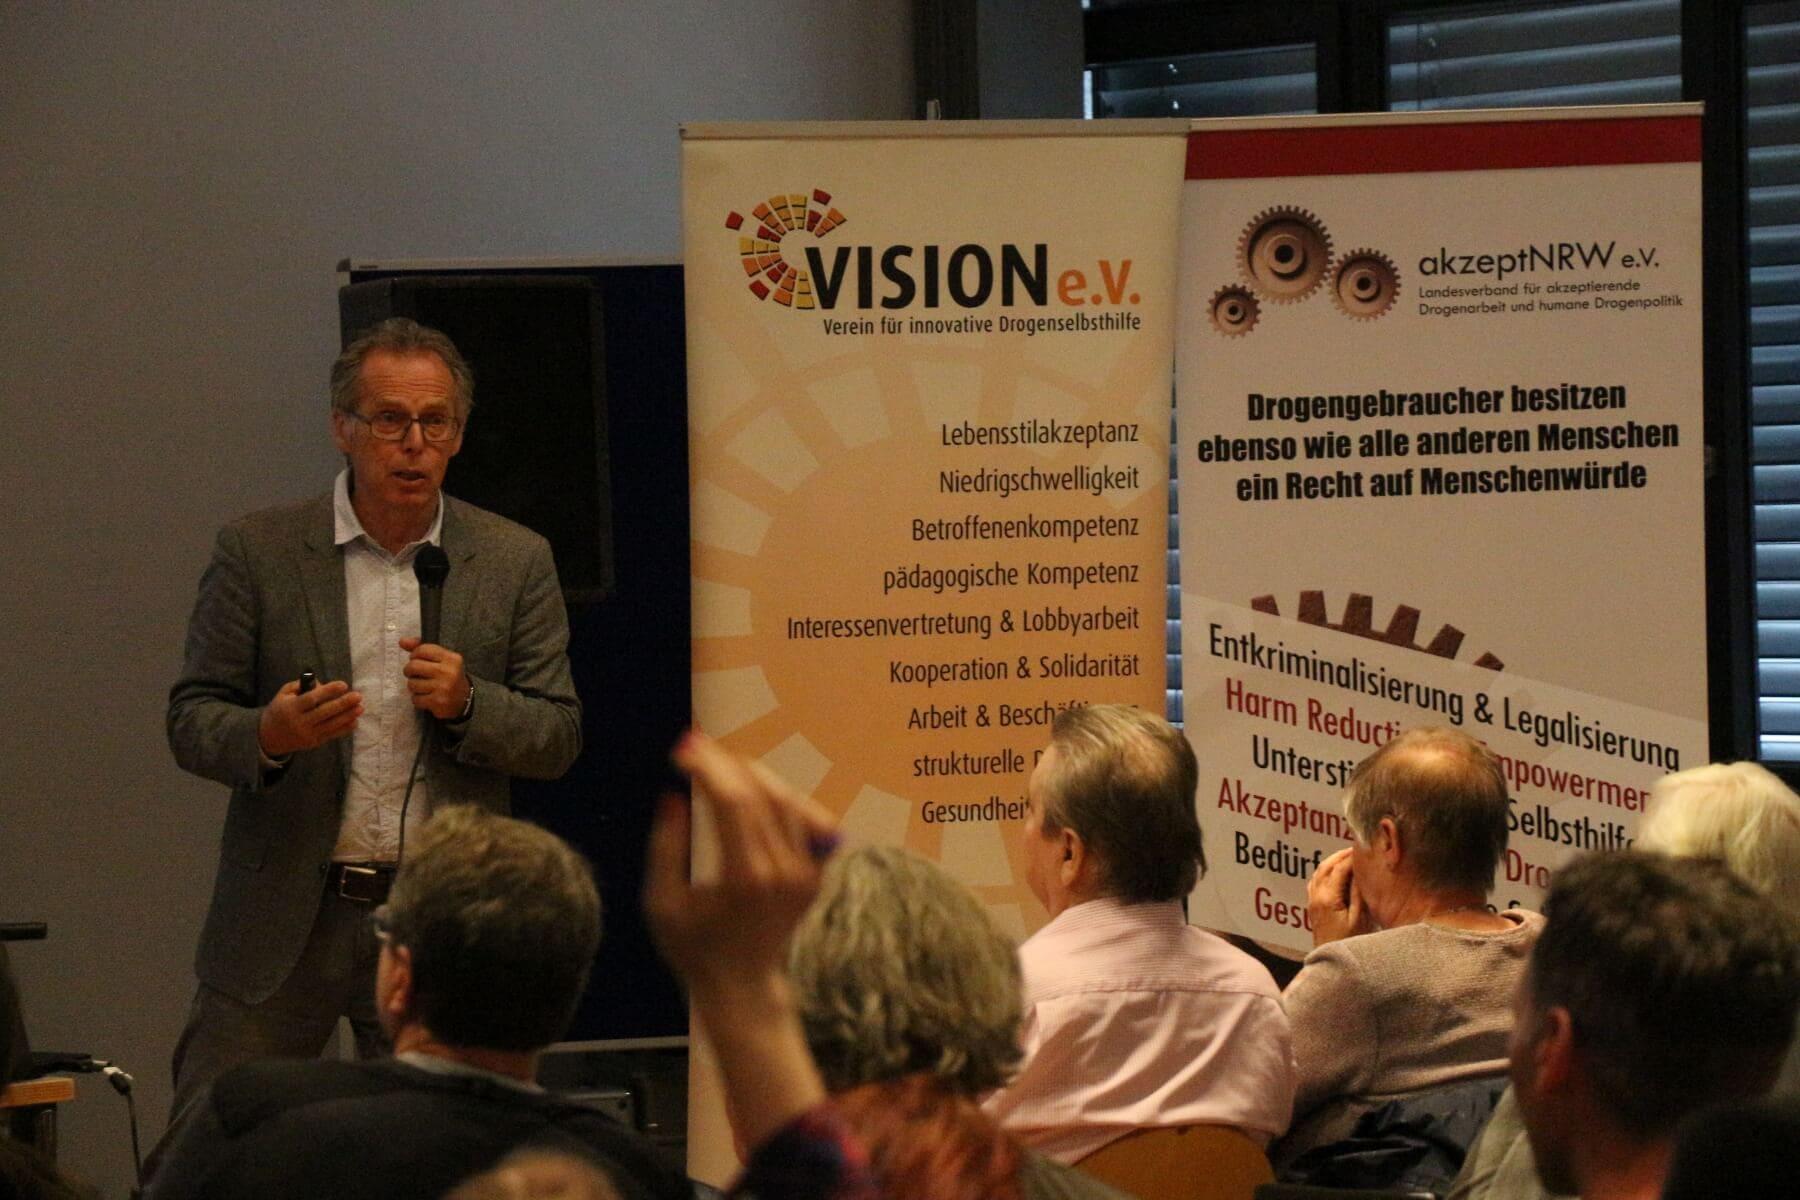 Drogenfachtagung mit Prof. Dr. Heino Stöver